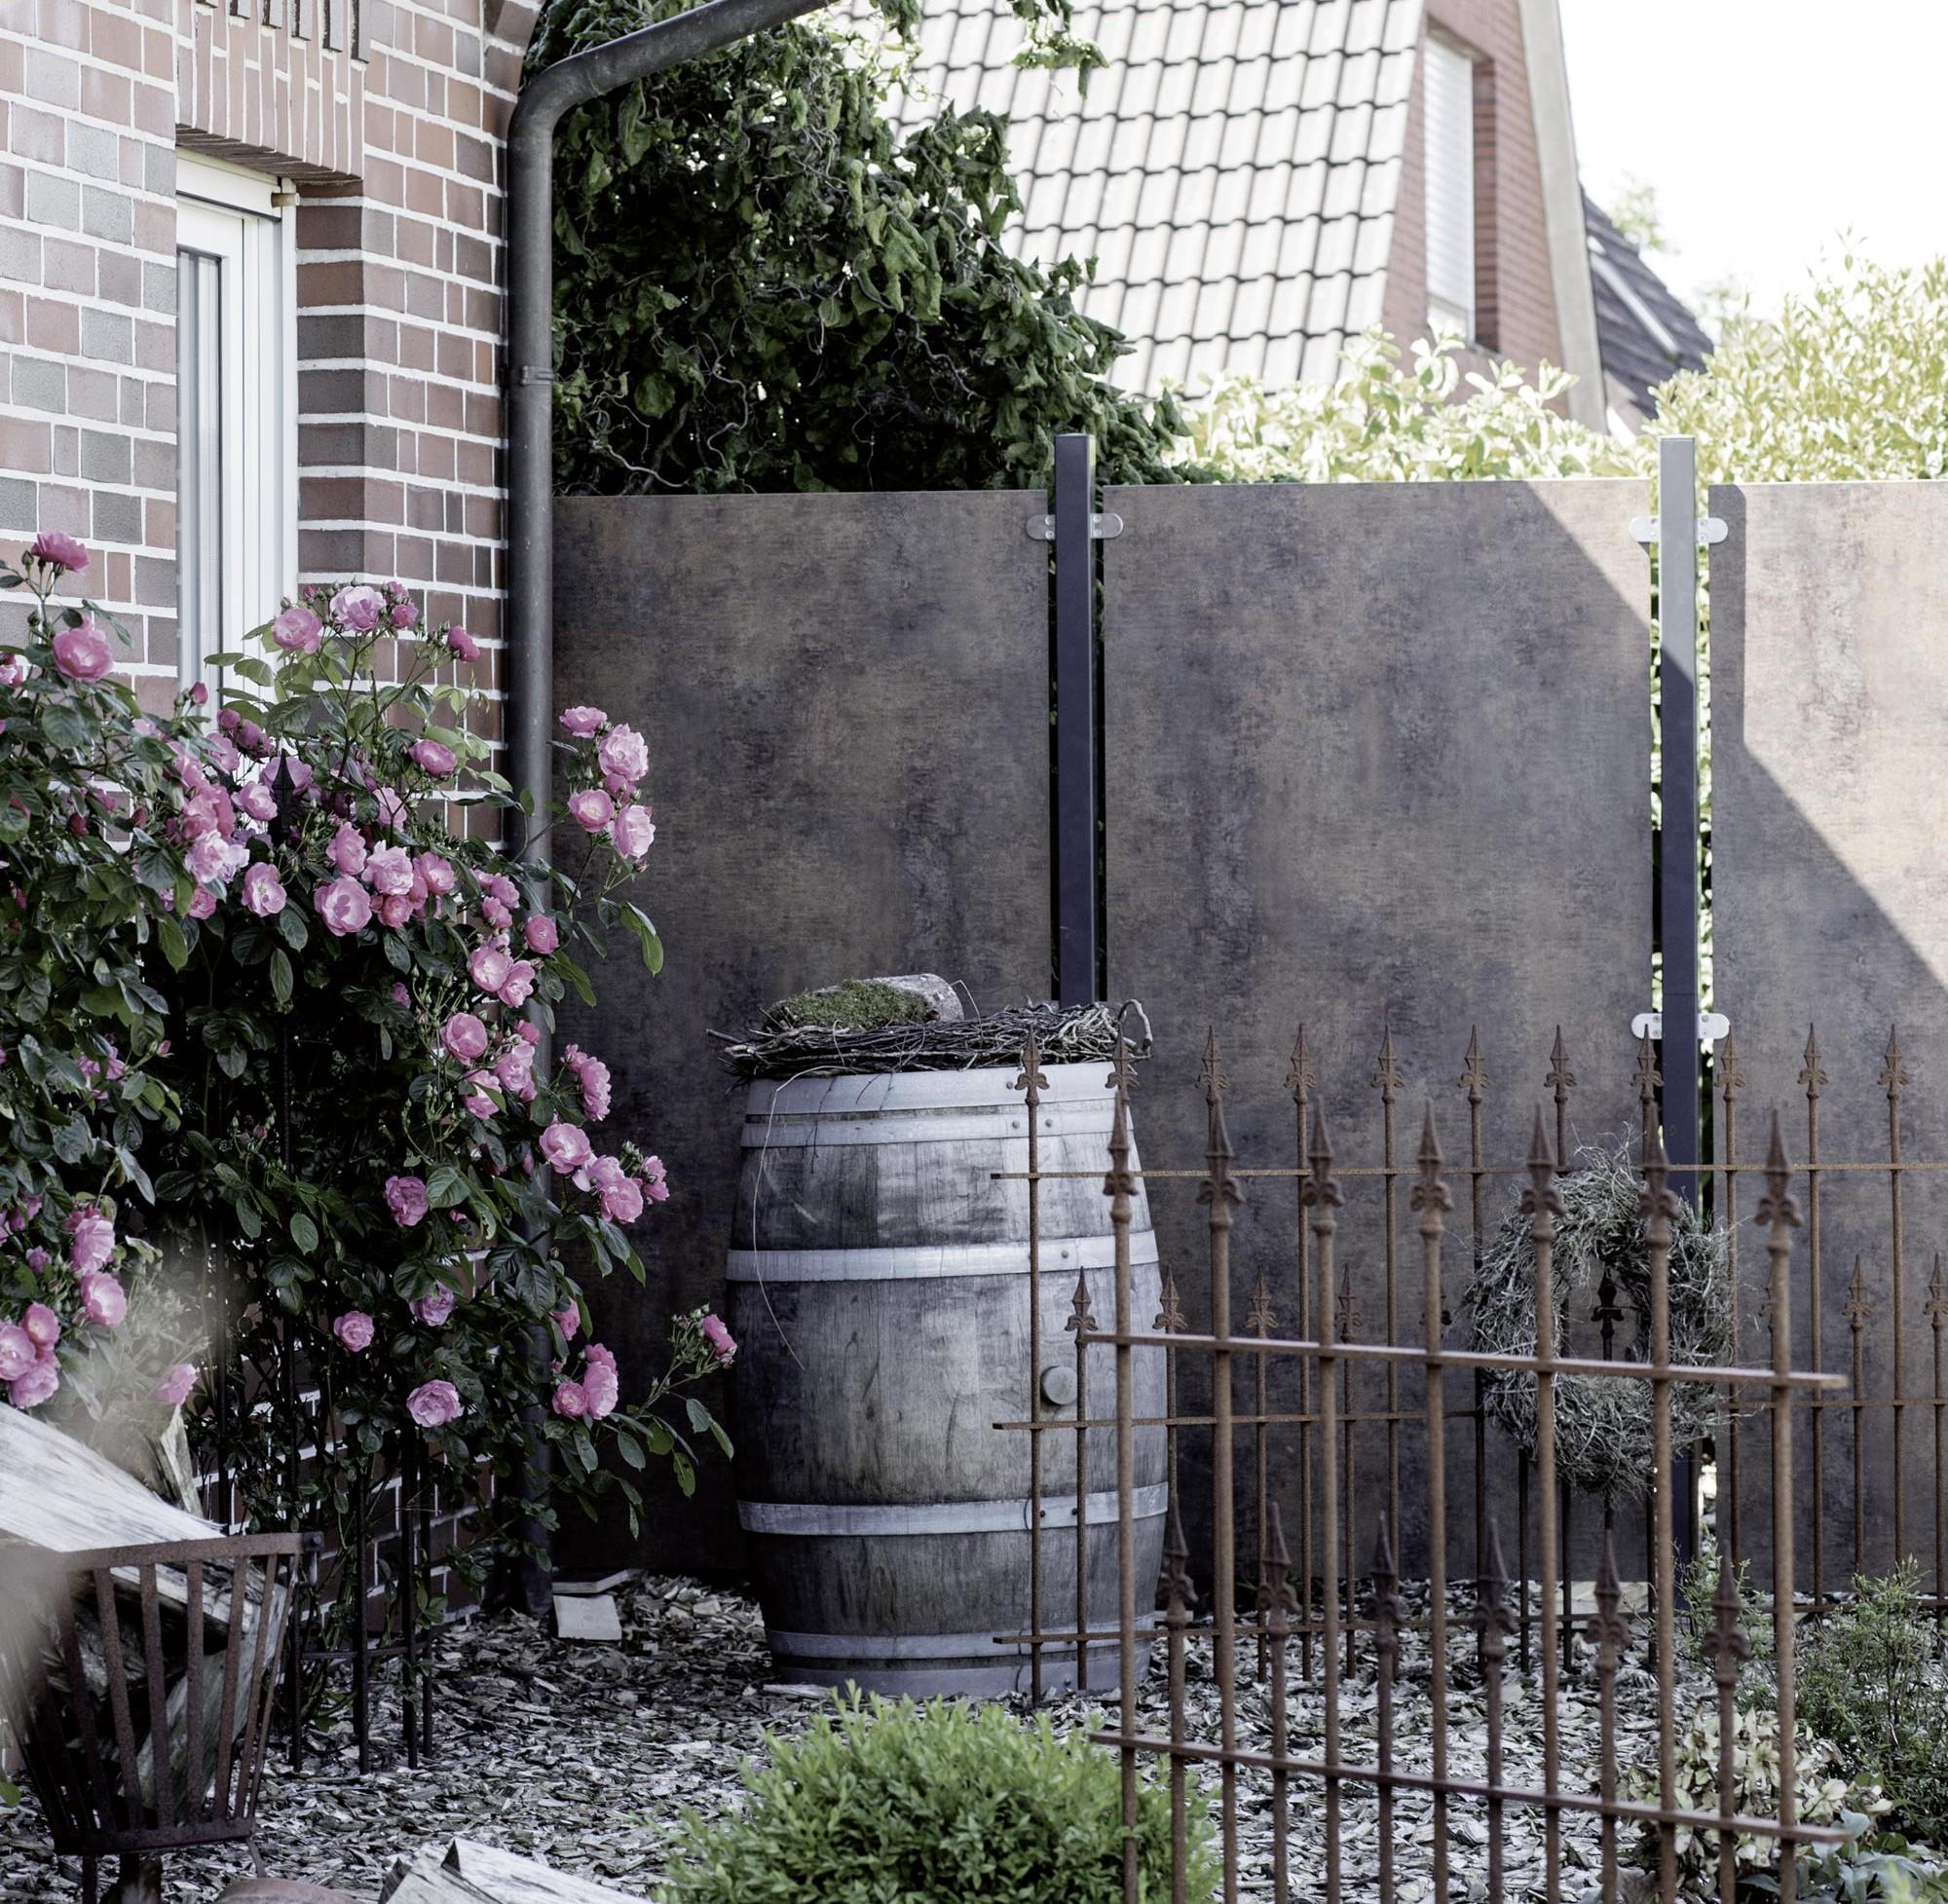 Sichtschutzzäune in Rostoptik – HolzLand Verbeek